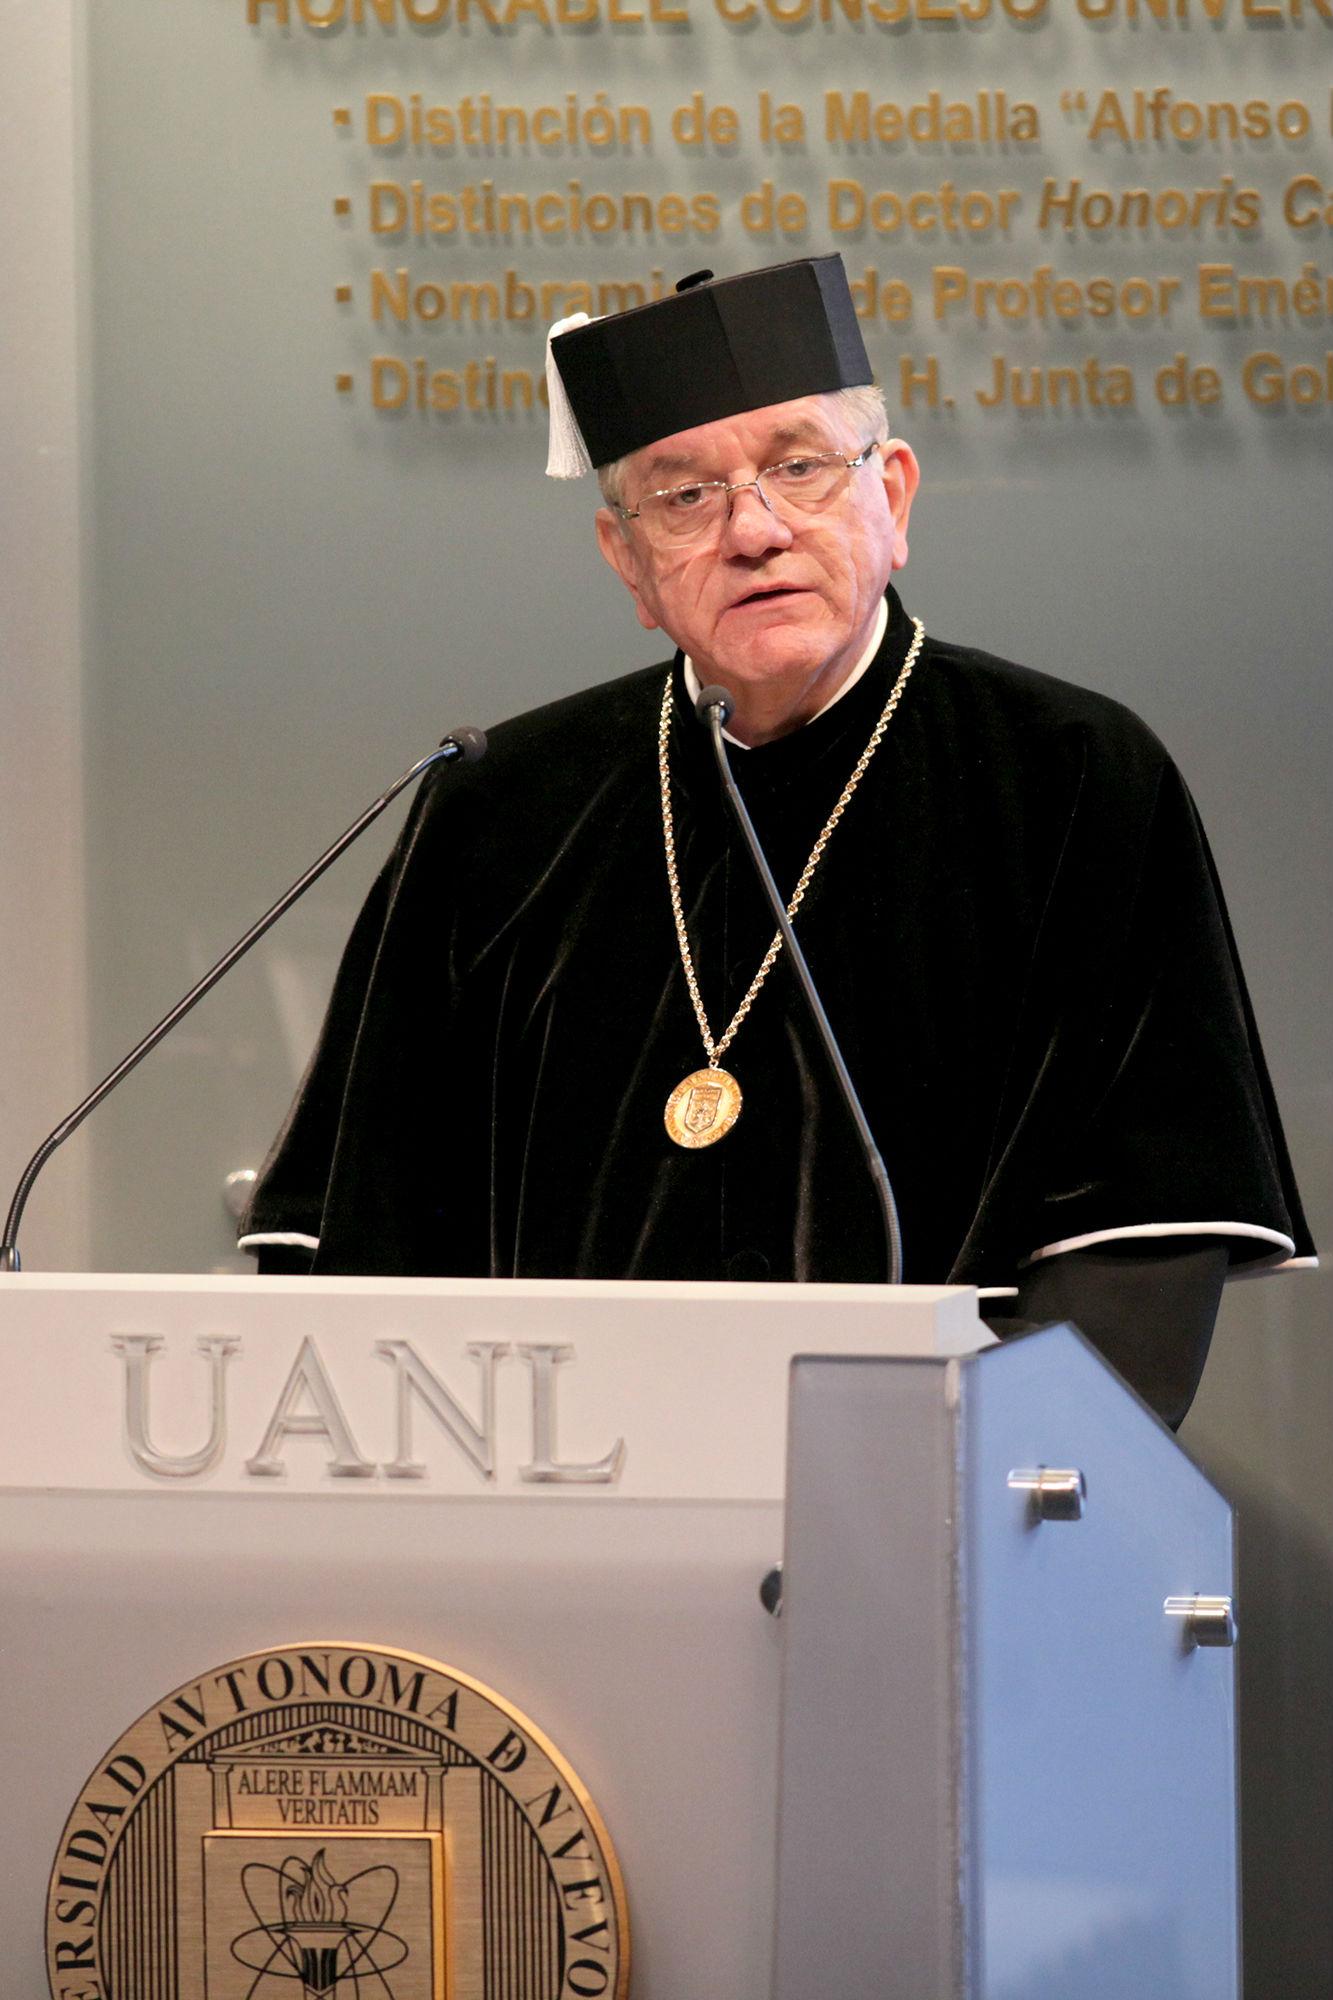 Mensaje del rector de la UANL, Jesús Ancer Rodríguez